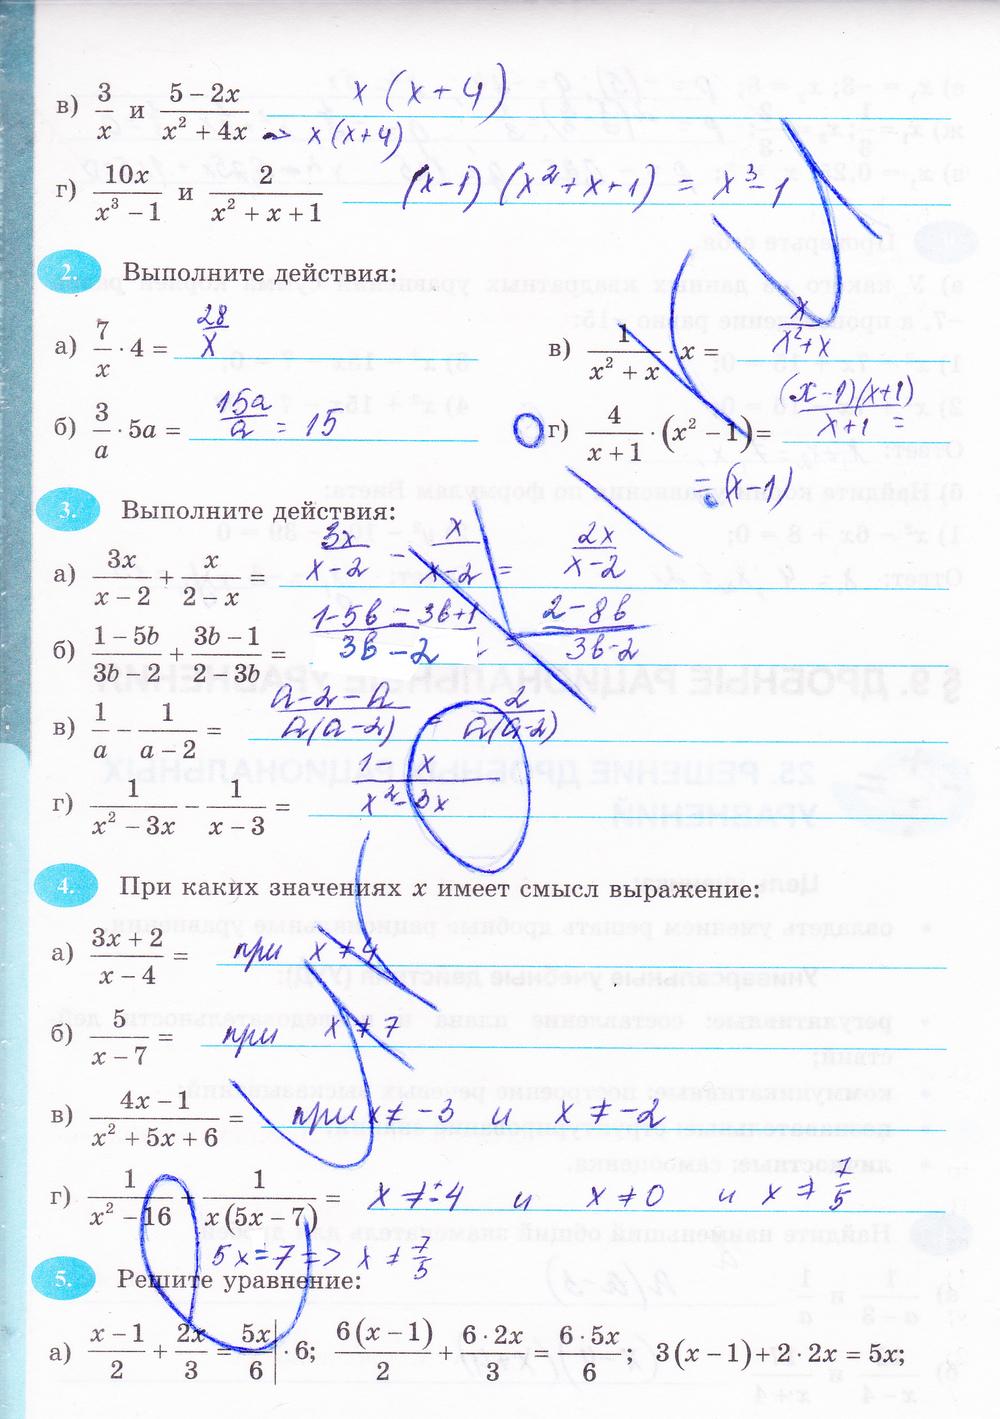 Решебник по алгебре в рабочей тетради 8 класс макарычев